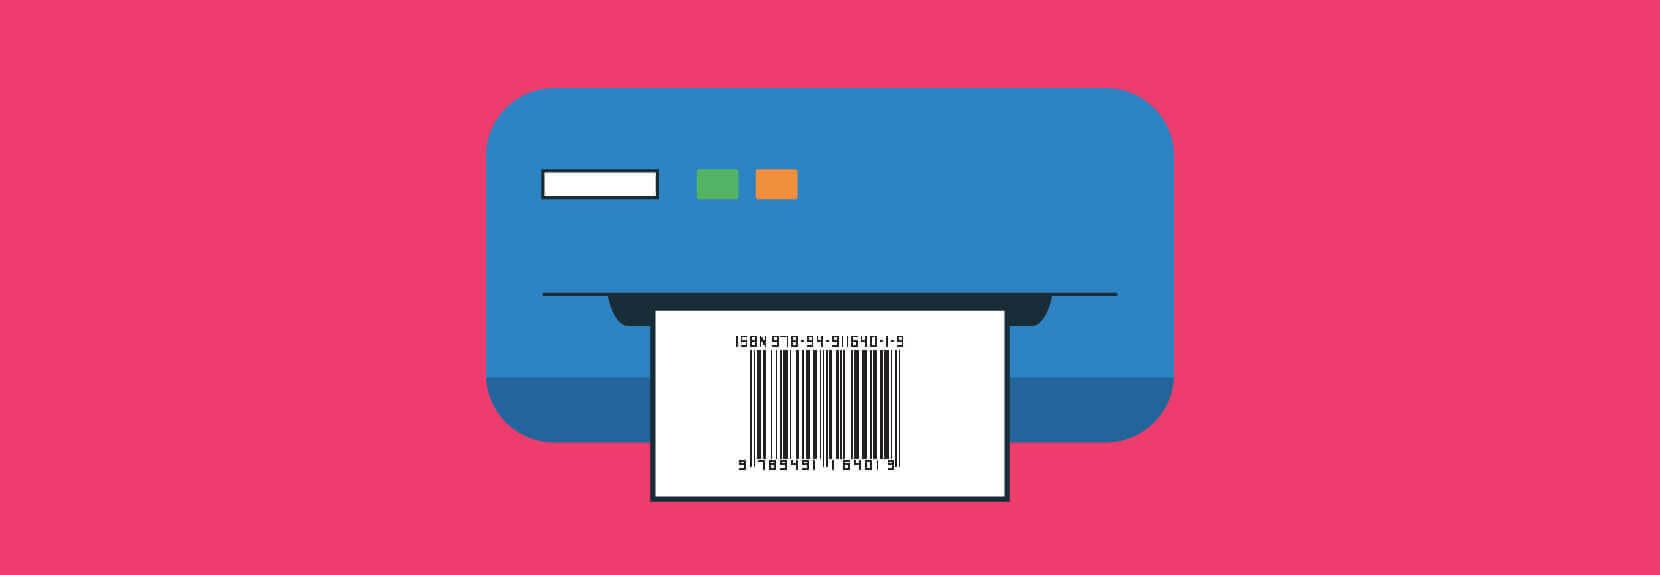 barcode-generator-1